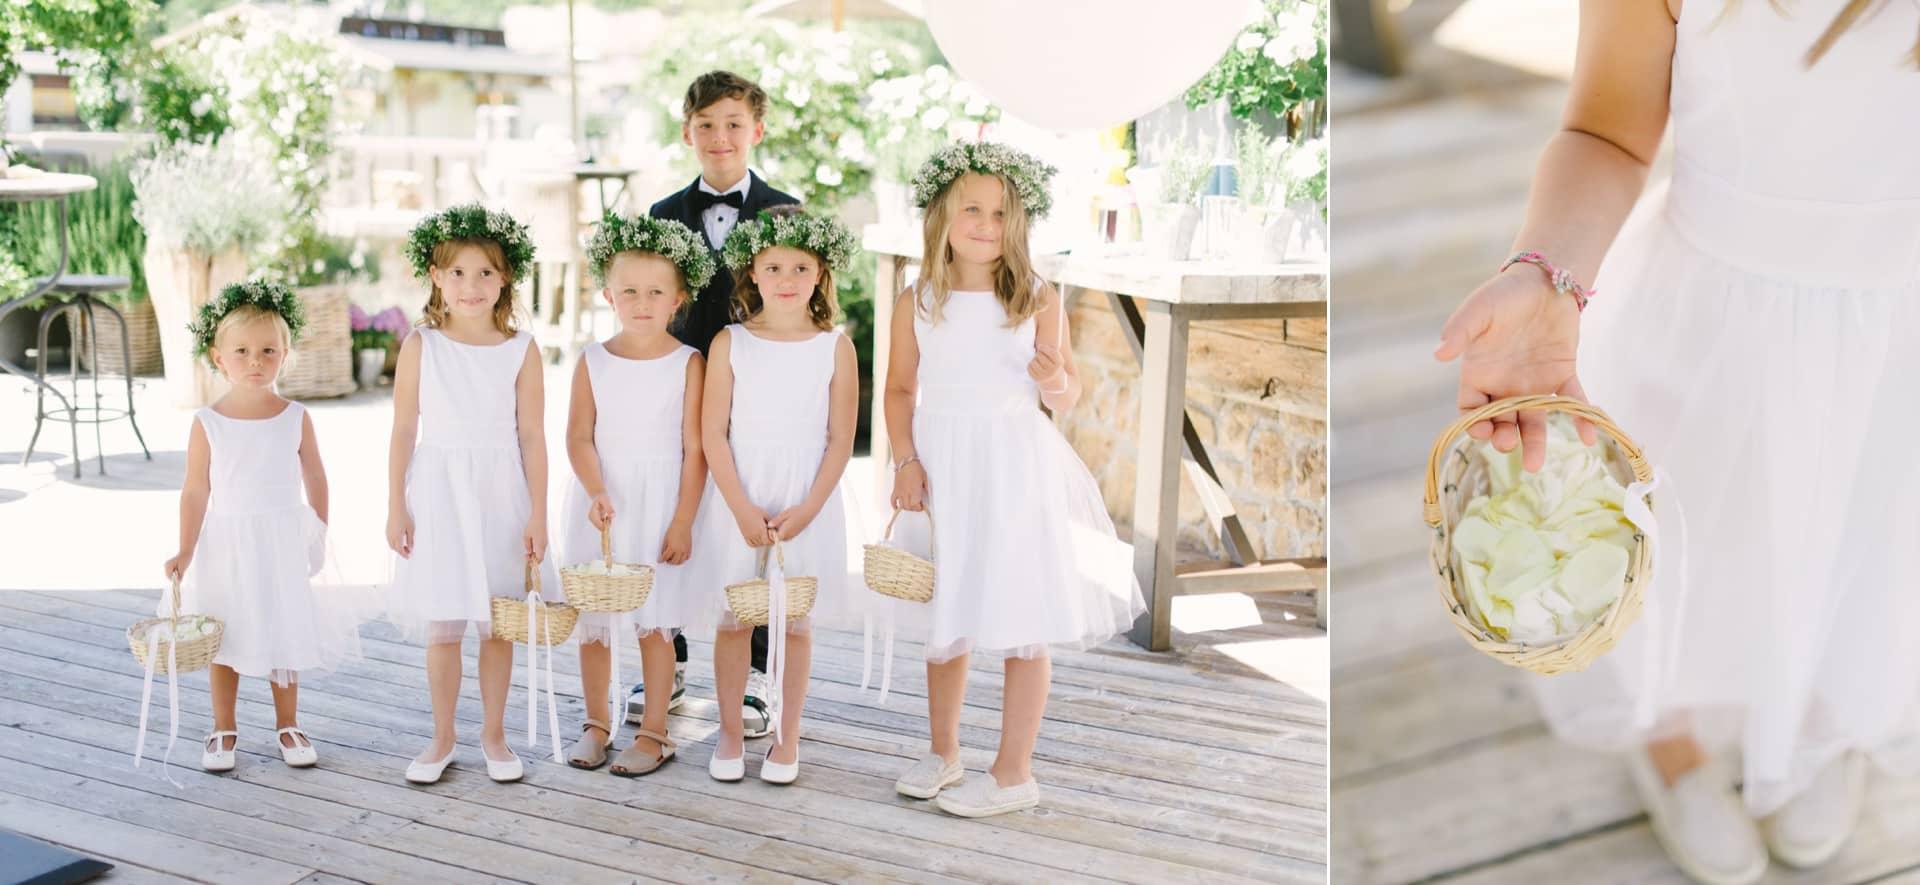 Hochzeiten mit Kindern feiern. Blumenmädchen